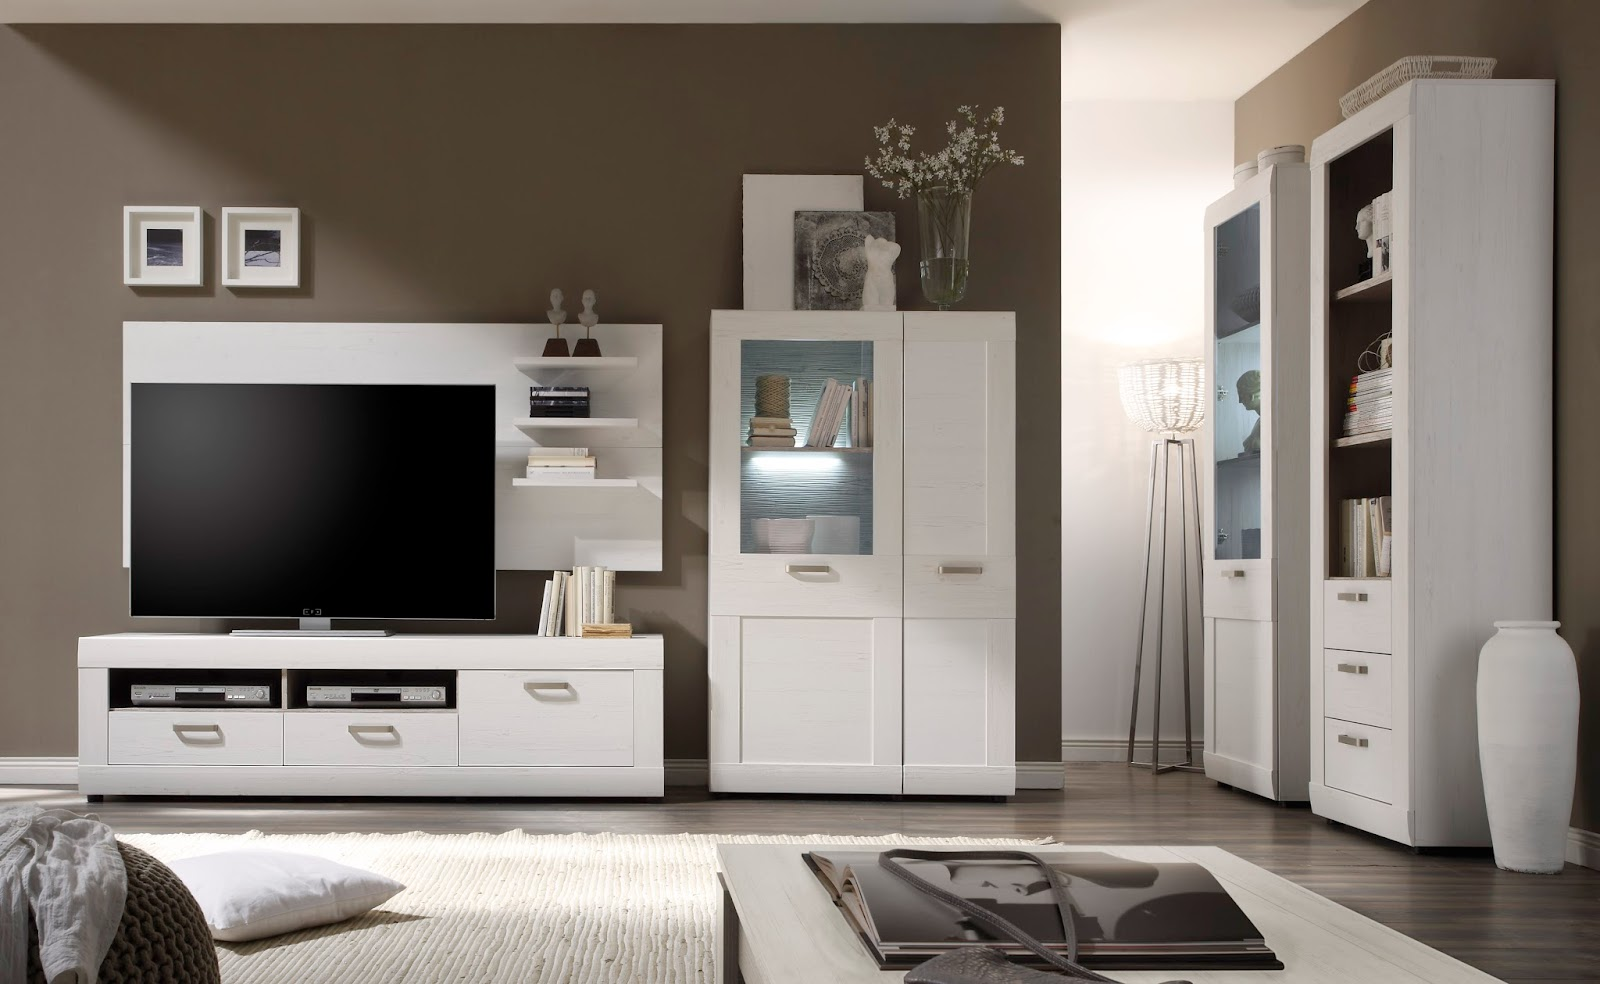 In Einem Minimalistischen Wohnzimmer Gestalten Sie Ihre Wohn Luxus Mit Holzschnitzereien Jepara Ethnischen Und Eleganz Des Wohnzimmers Zu Erhhen